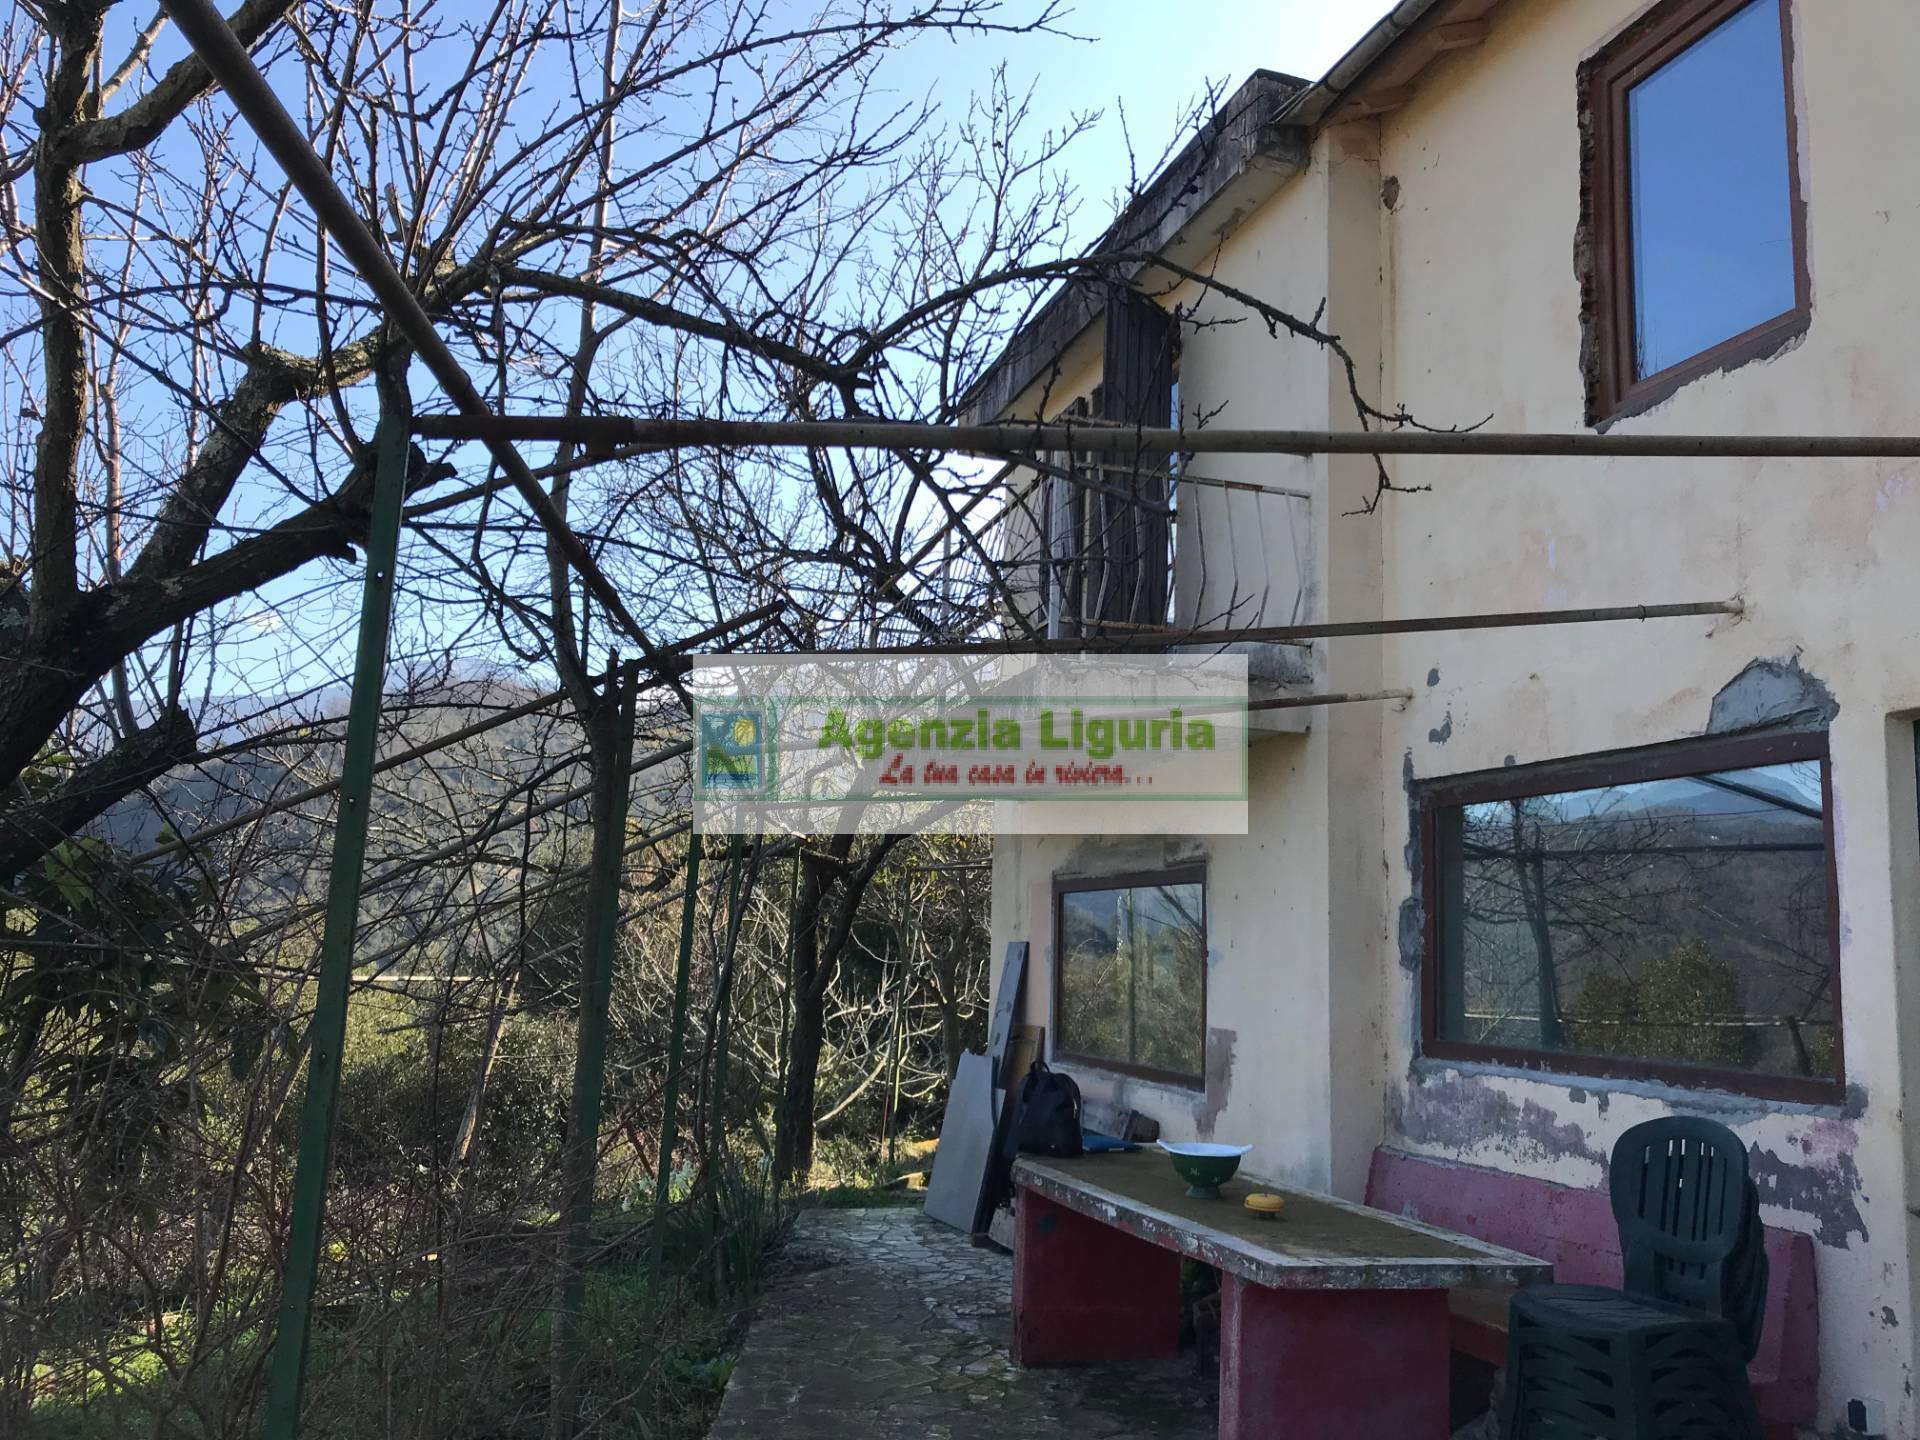 Soluzione Indipendente in vendita a Apricale, 4 locali, prezzo € 45.000 | PortaleAgenzieImmobiliari.it